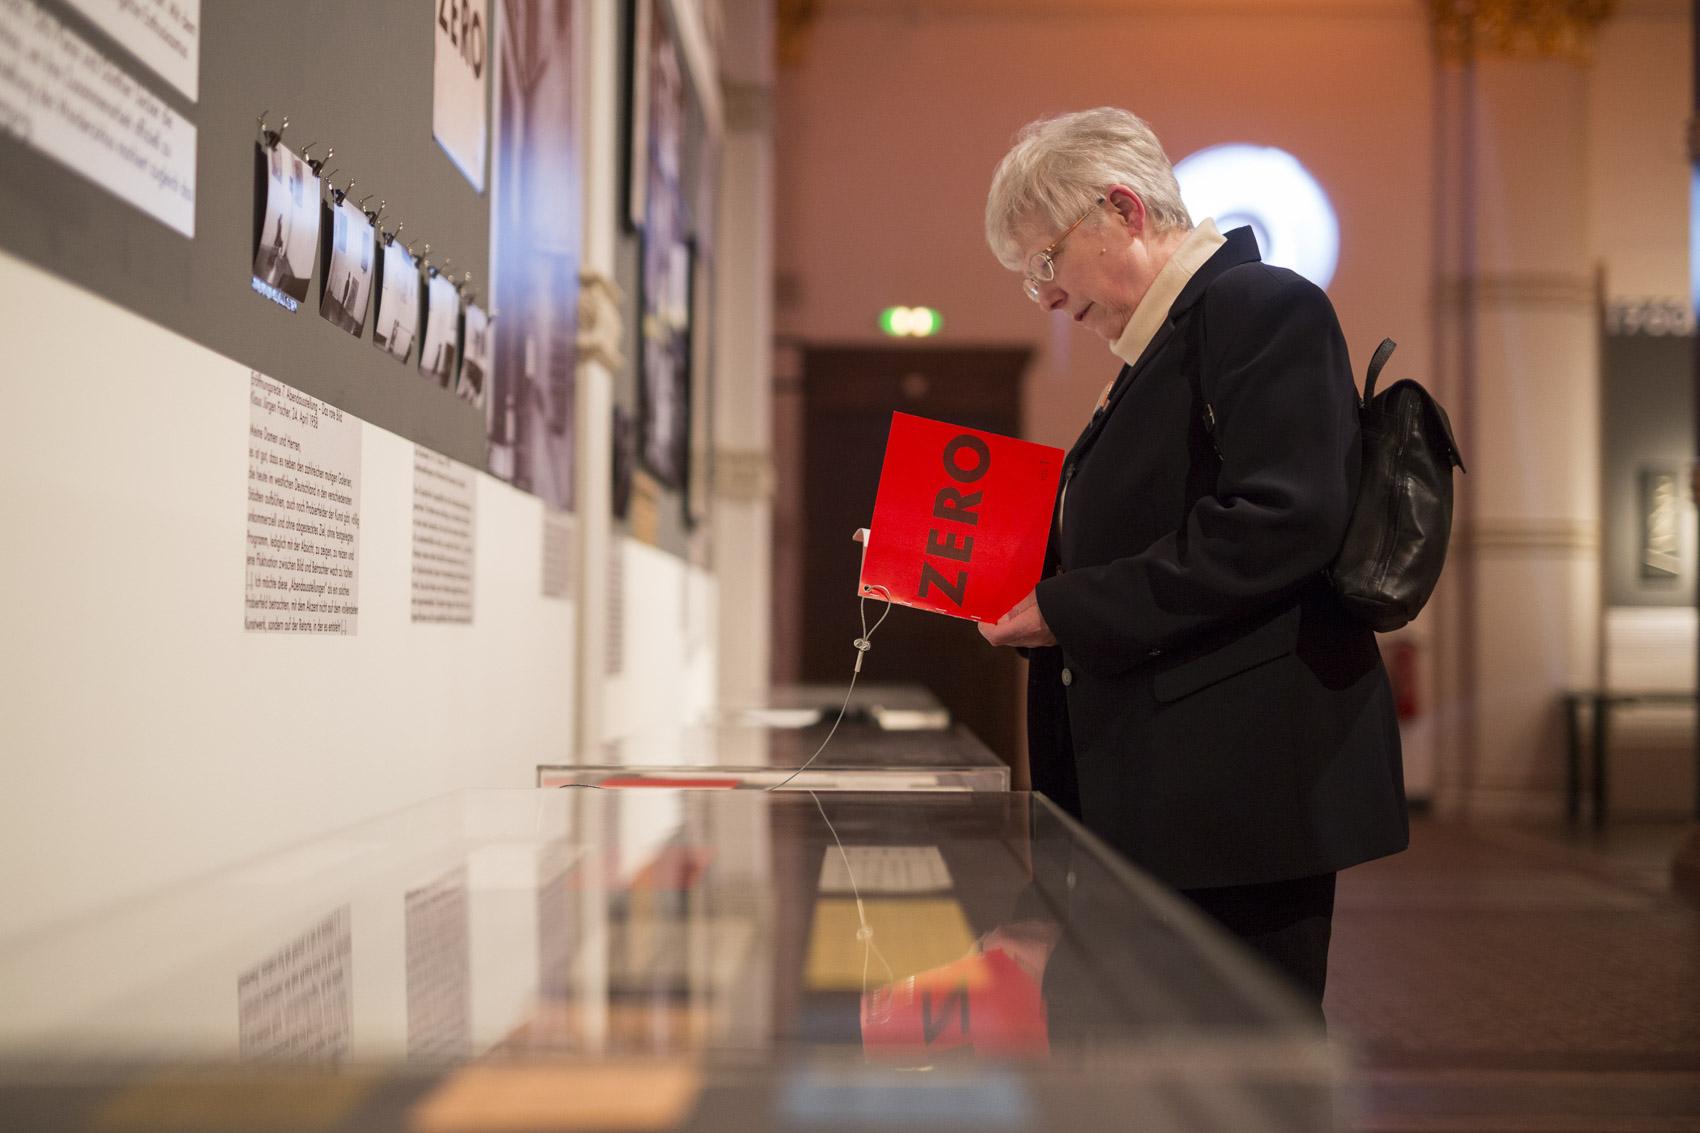 Referenzen Eventfotografie: Kunstausstellung